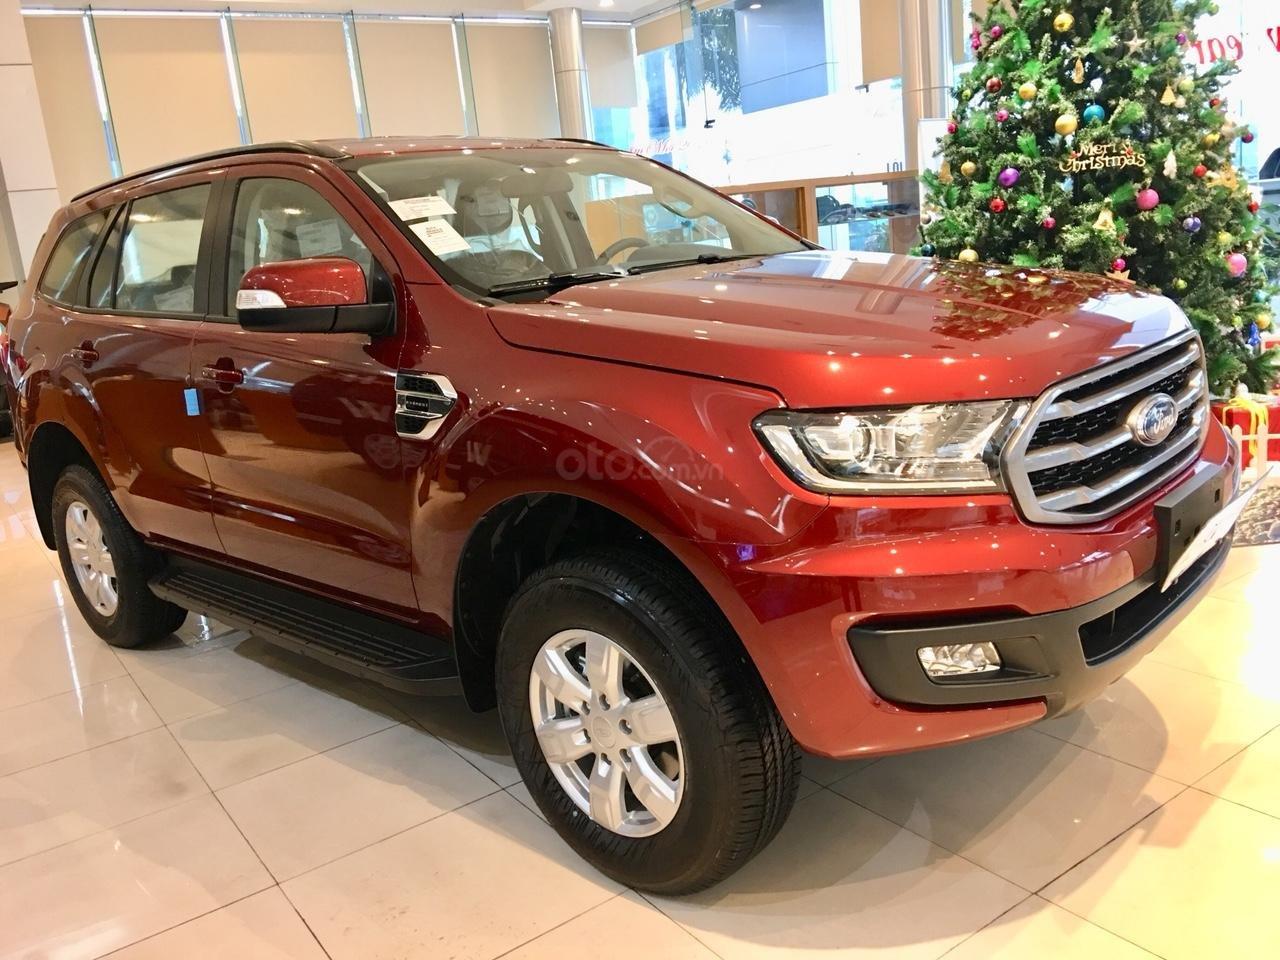 0358548613 - Bán xe Ford Everest Ambient AT số vin 2018 - giá cực sốc - ưu đãi khủng-4